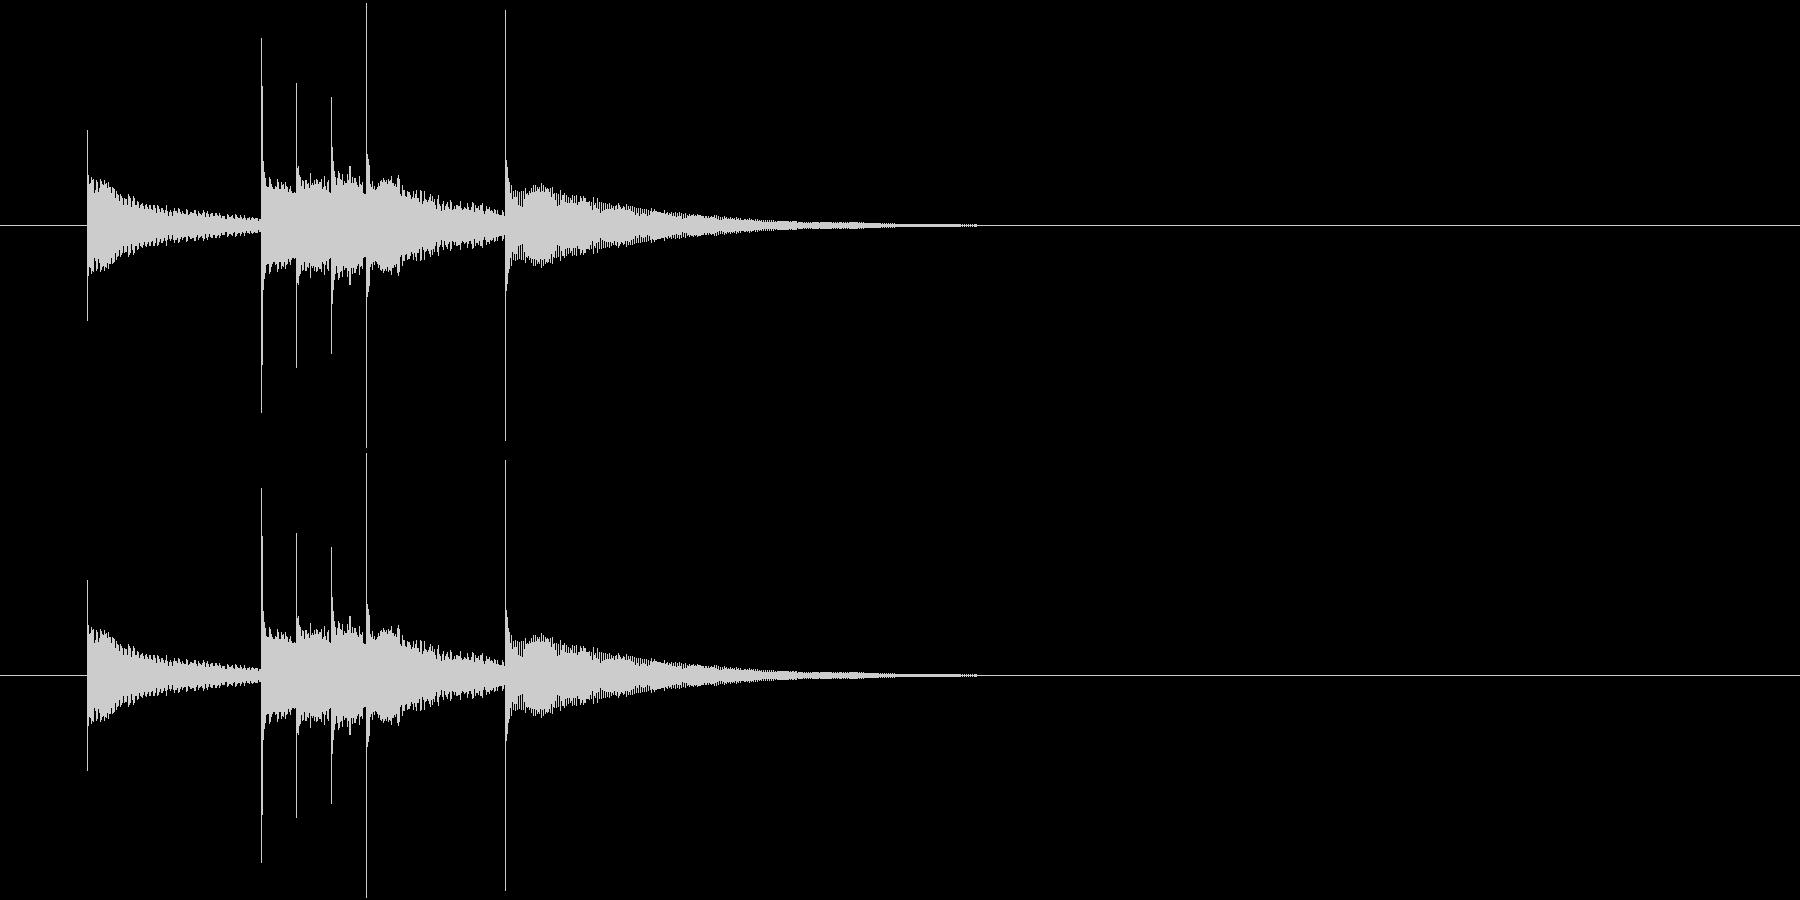 かわいいベル音のワンフレーズの未再生の波形